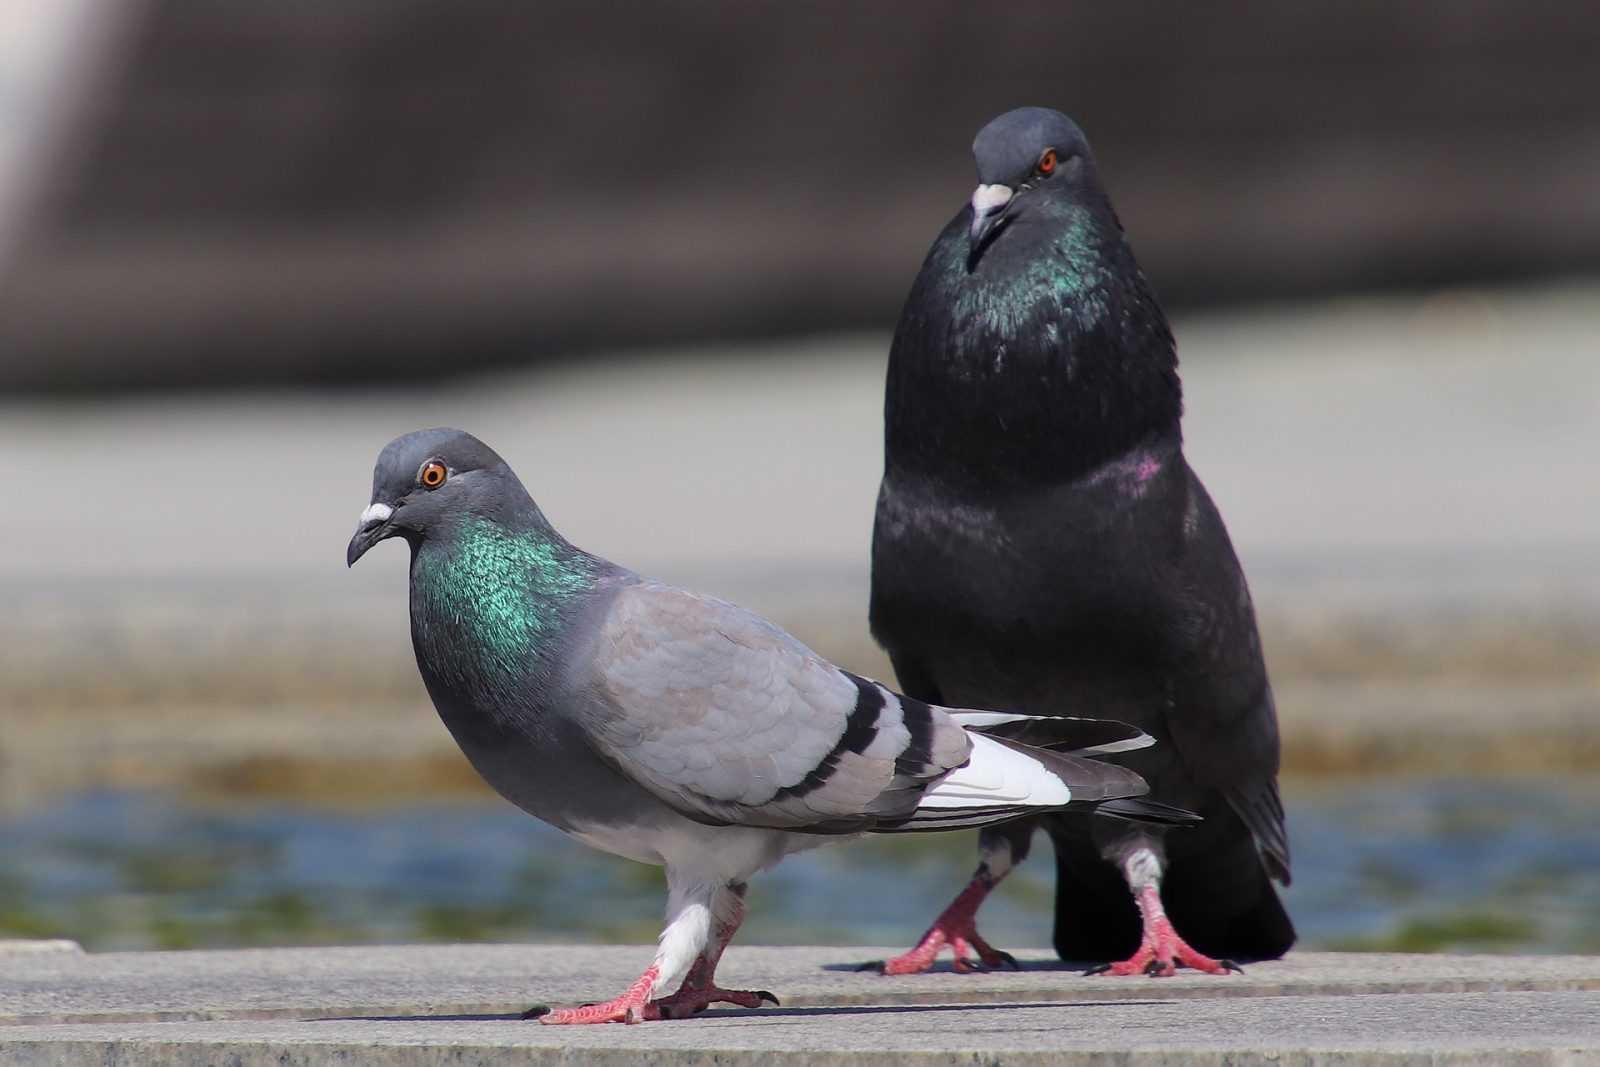 pigeons-3409247_1920